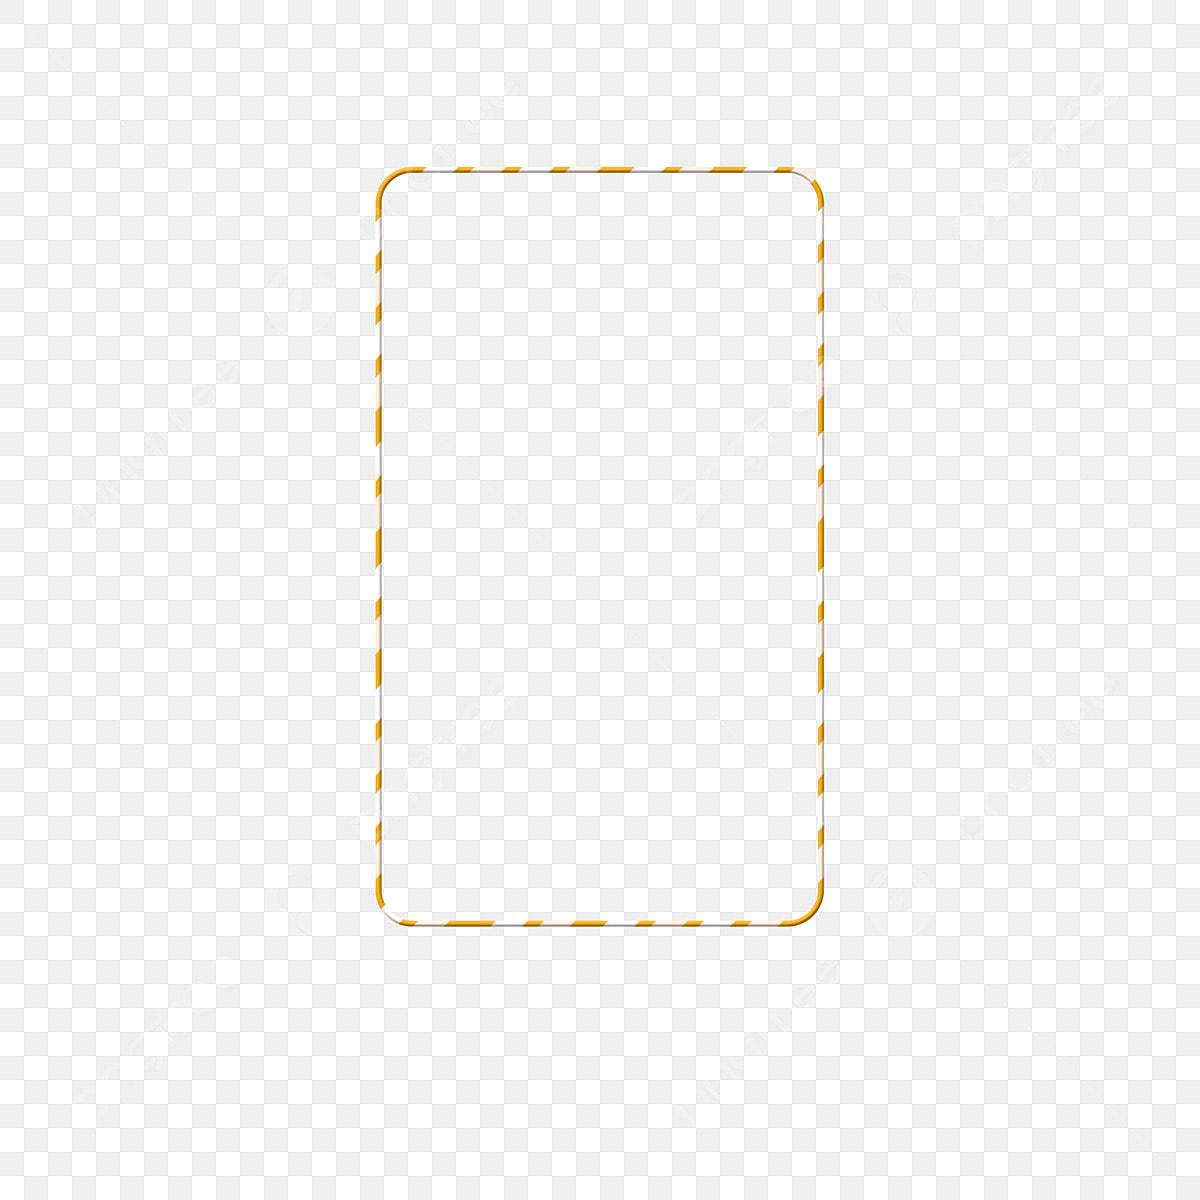 خطوط صفراء بسيطة مستطيلات حدود مواد تصميم مستطيلات خطوط صفراء بسيطة حدود Png وملف Psd للتحميل مجانا